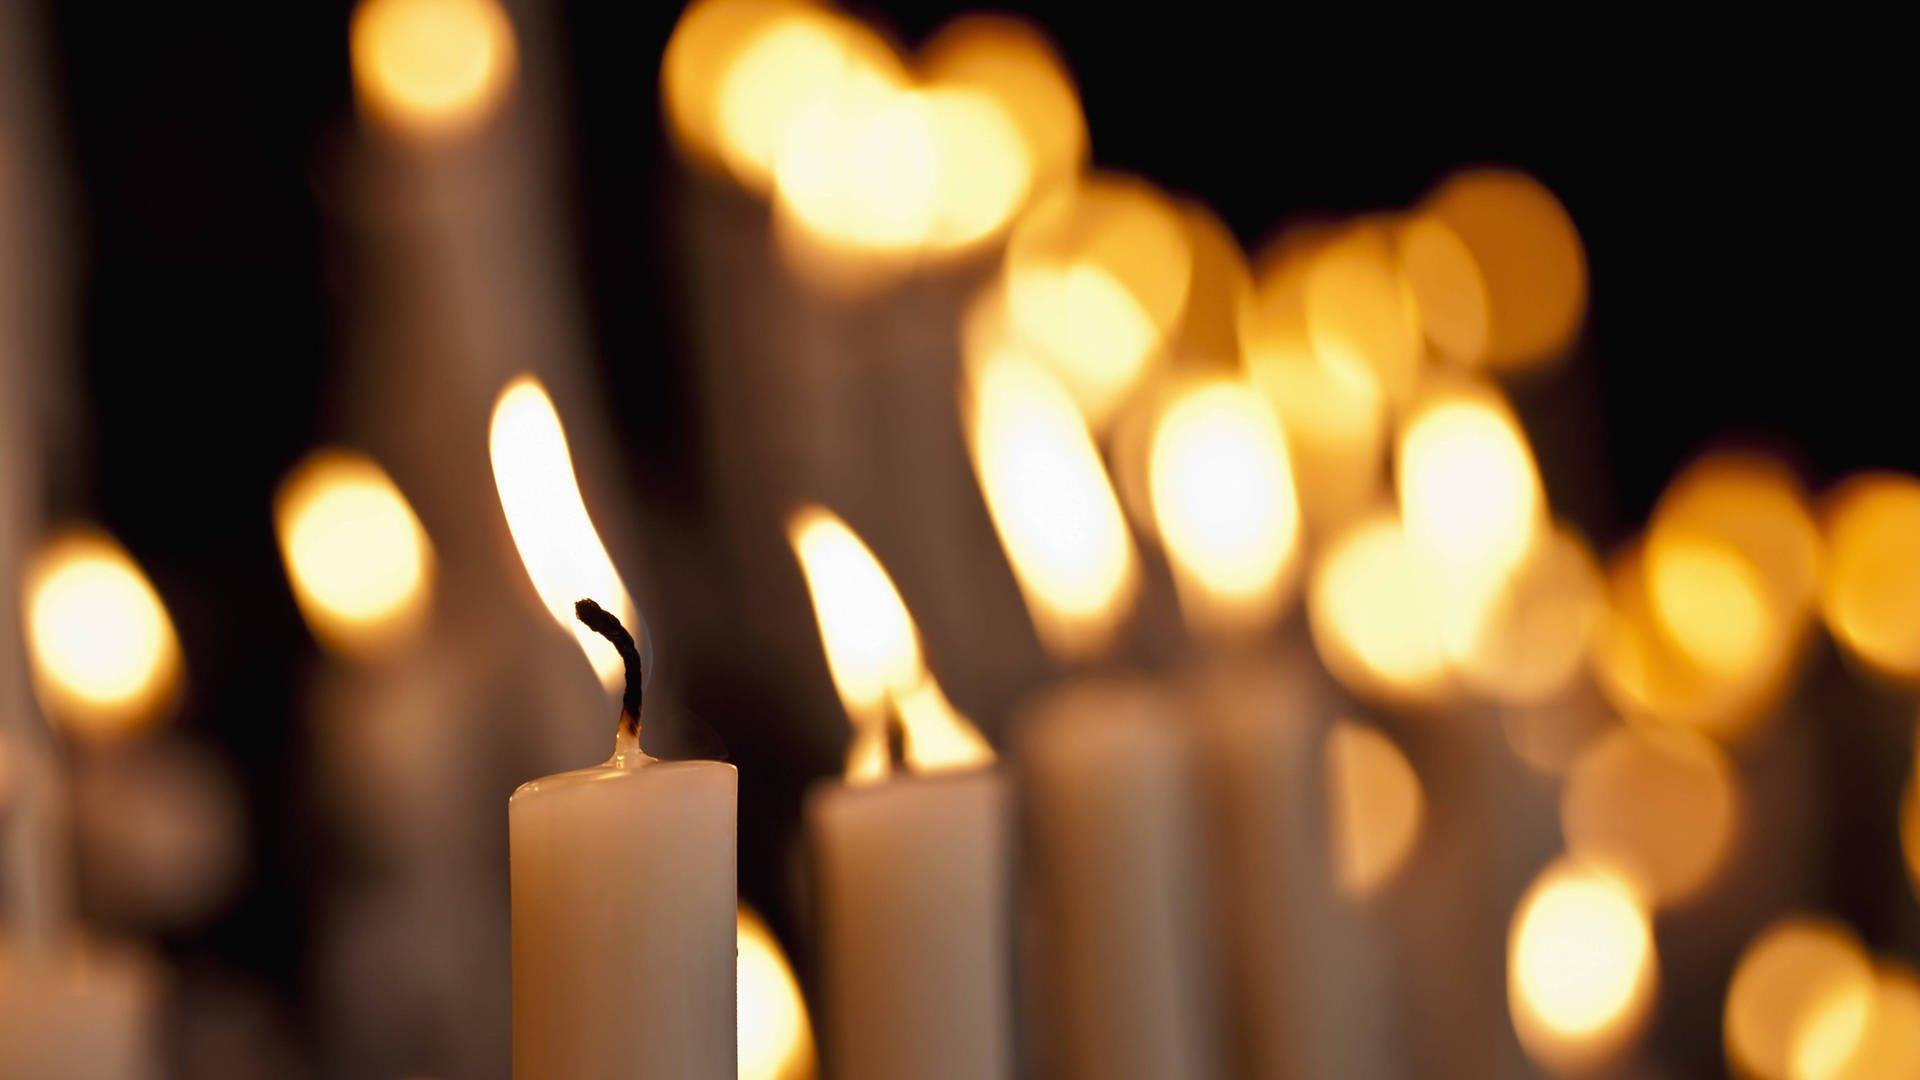 1000 Antworten Warum Flackern Kerzen Wissenschaft Forschung